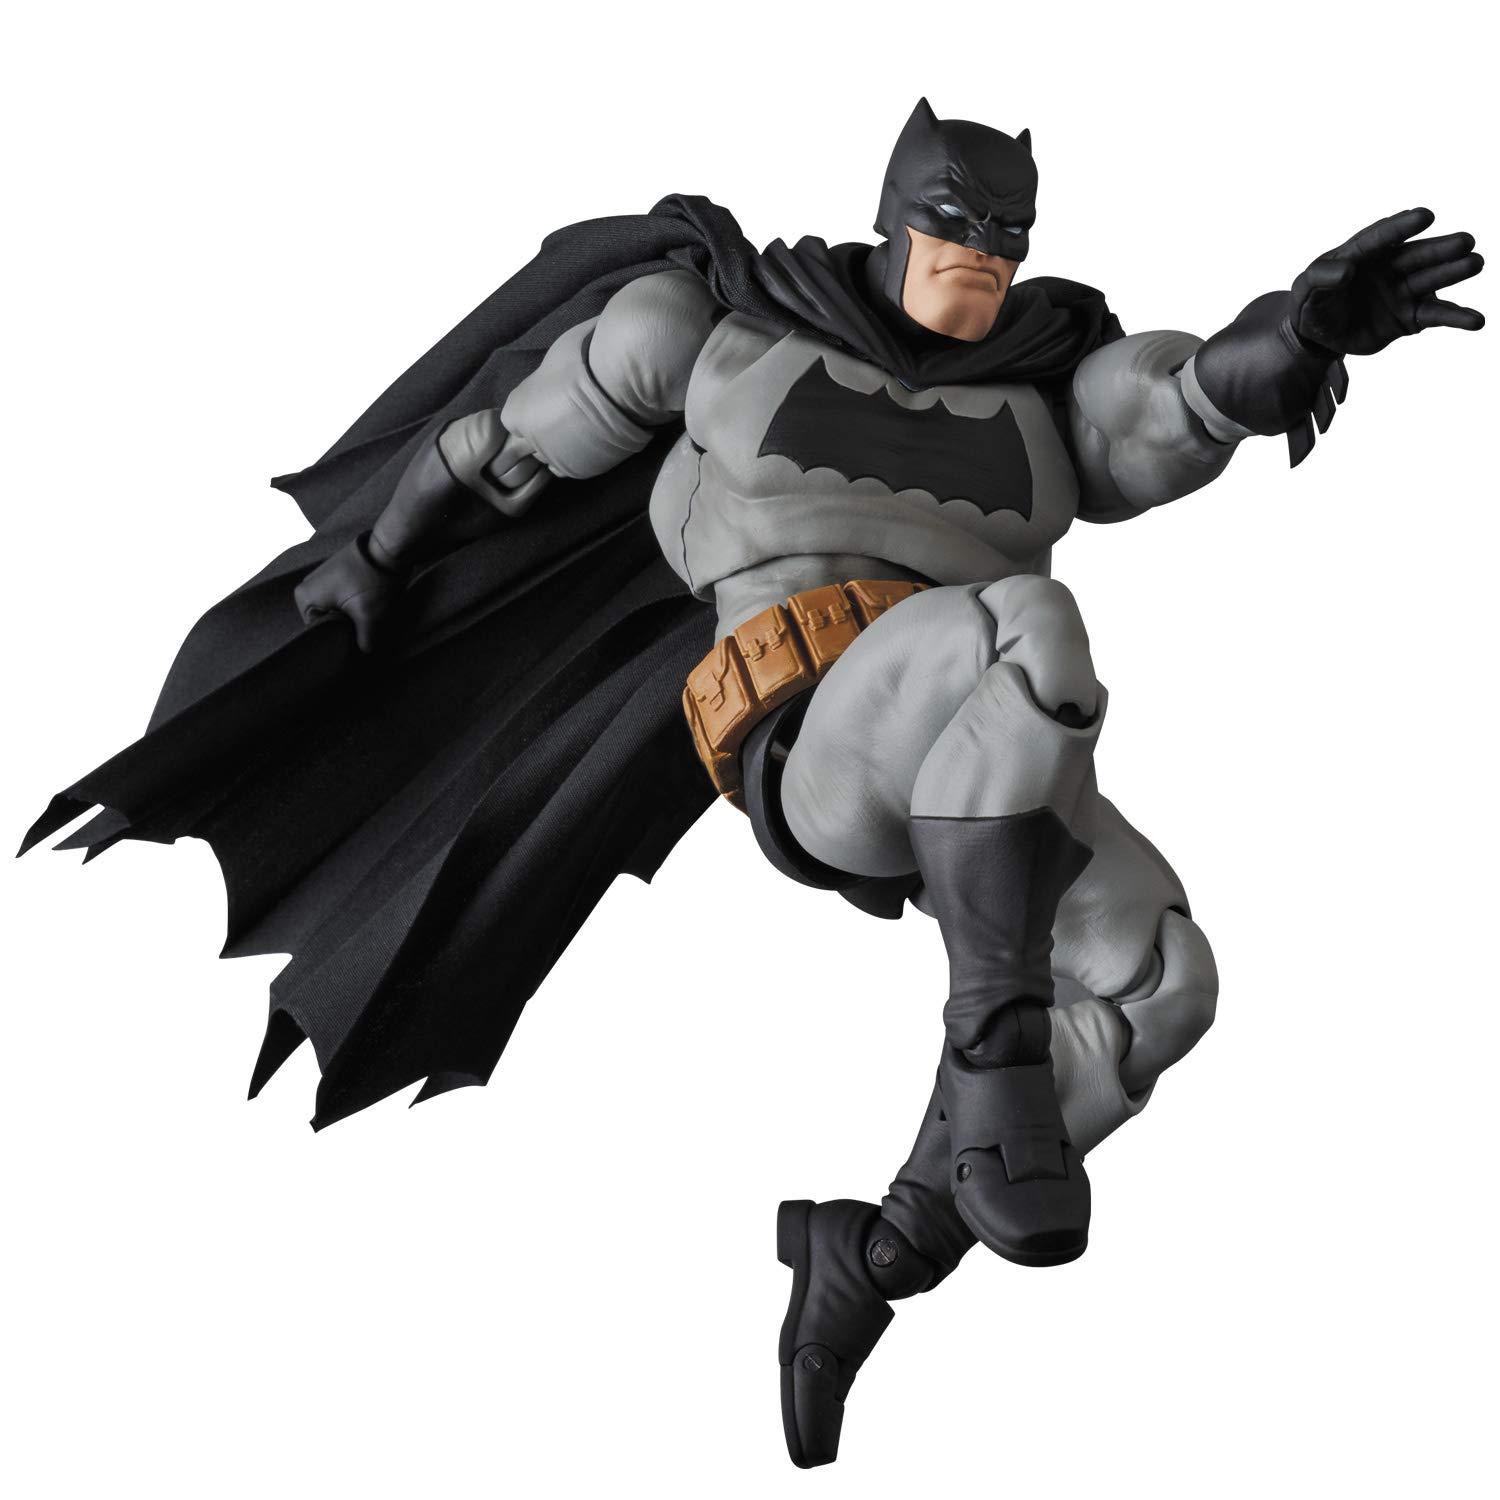 Batman – The Dark Knight Returns – Mafex